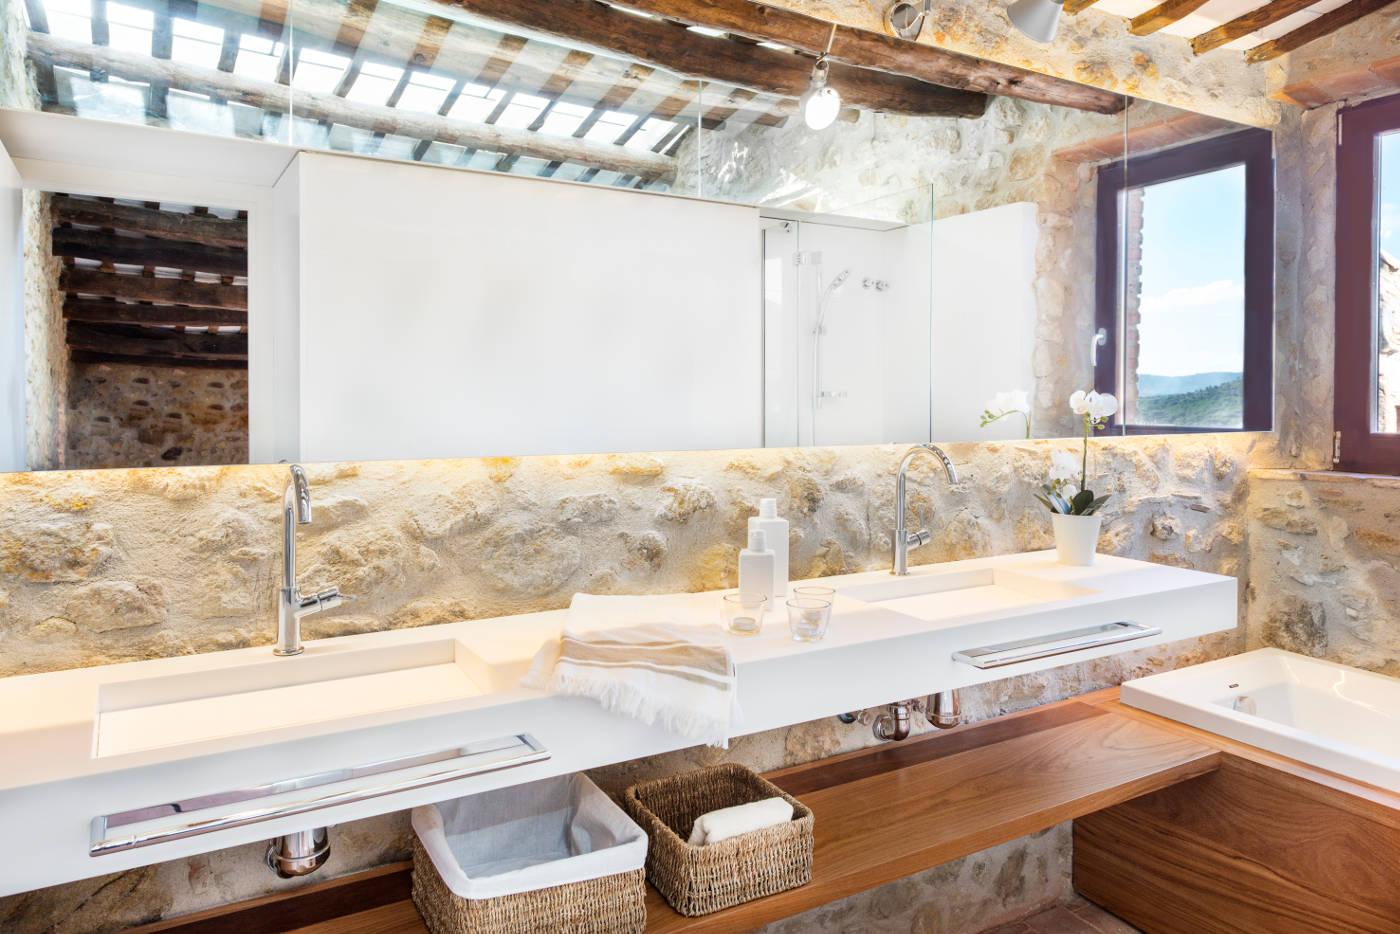 Interiorismo casas de pueblo gloria duran estudio de for Duchas rusticas piedra